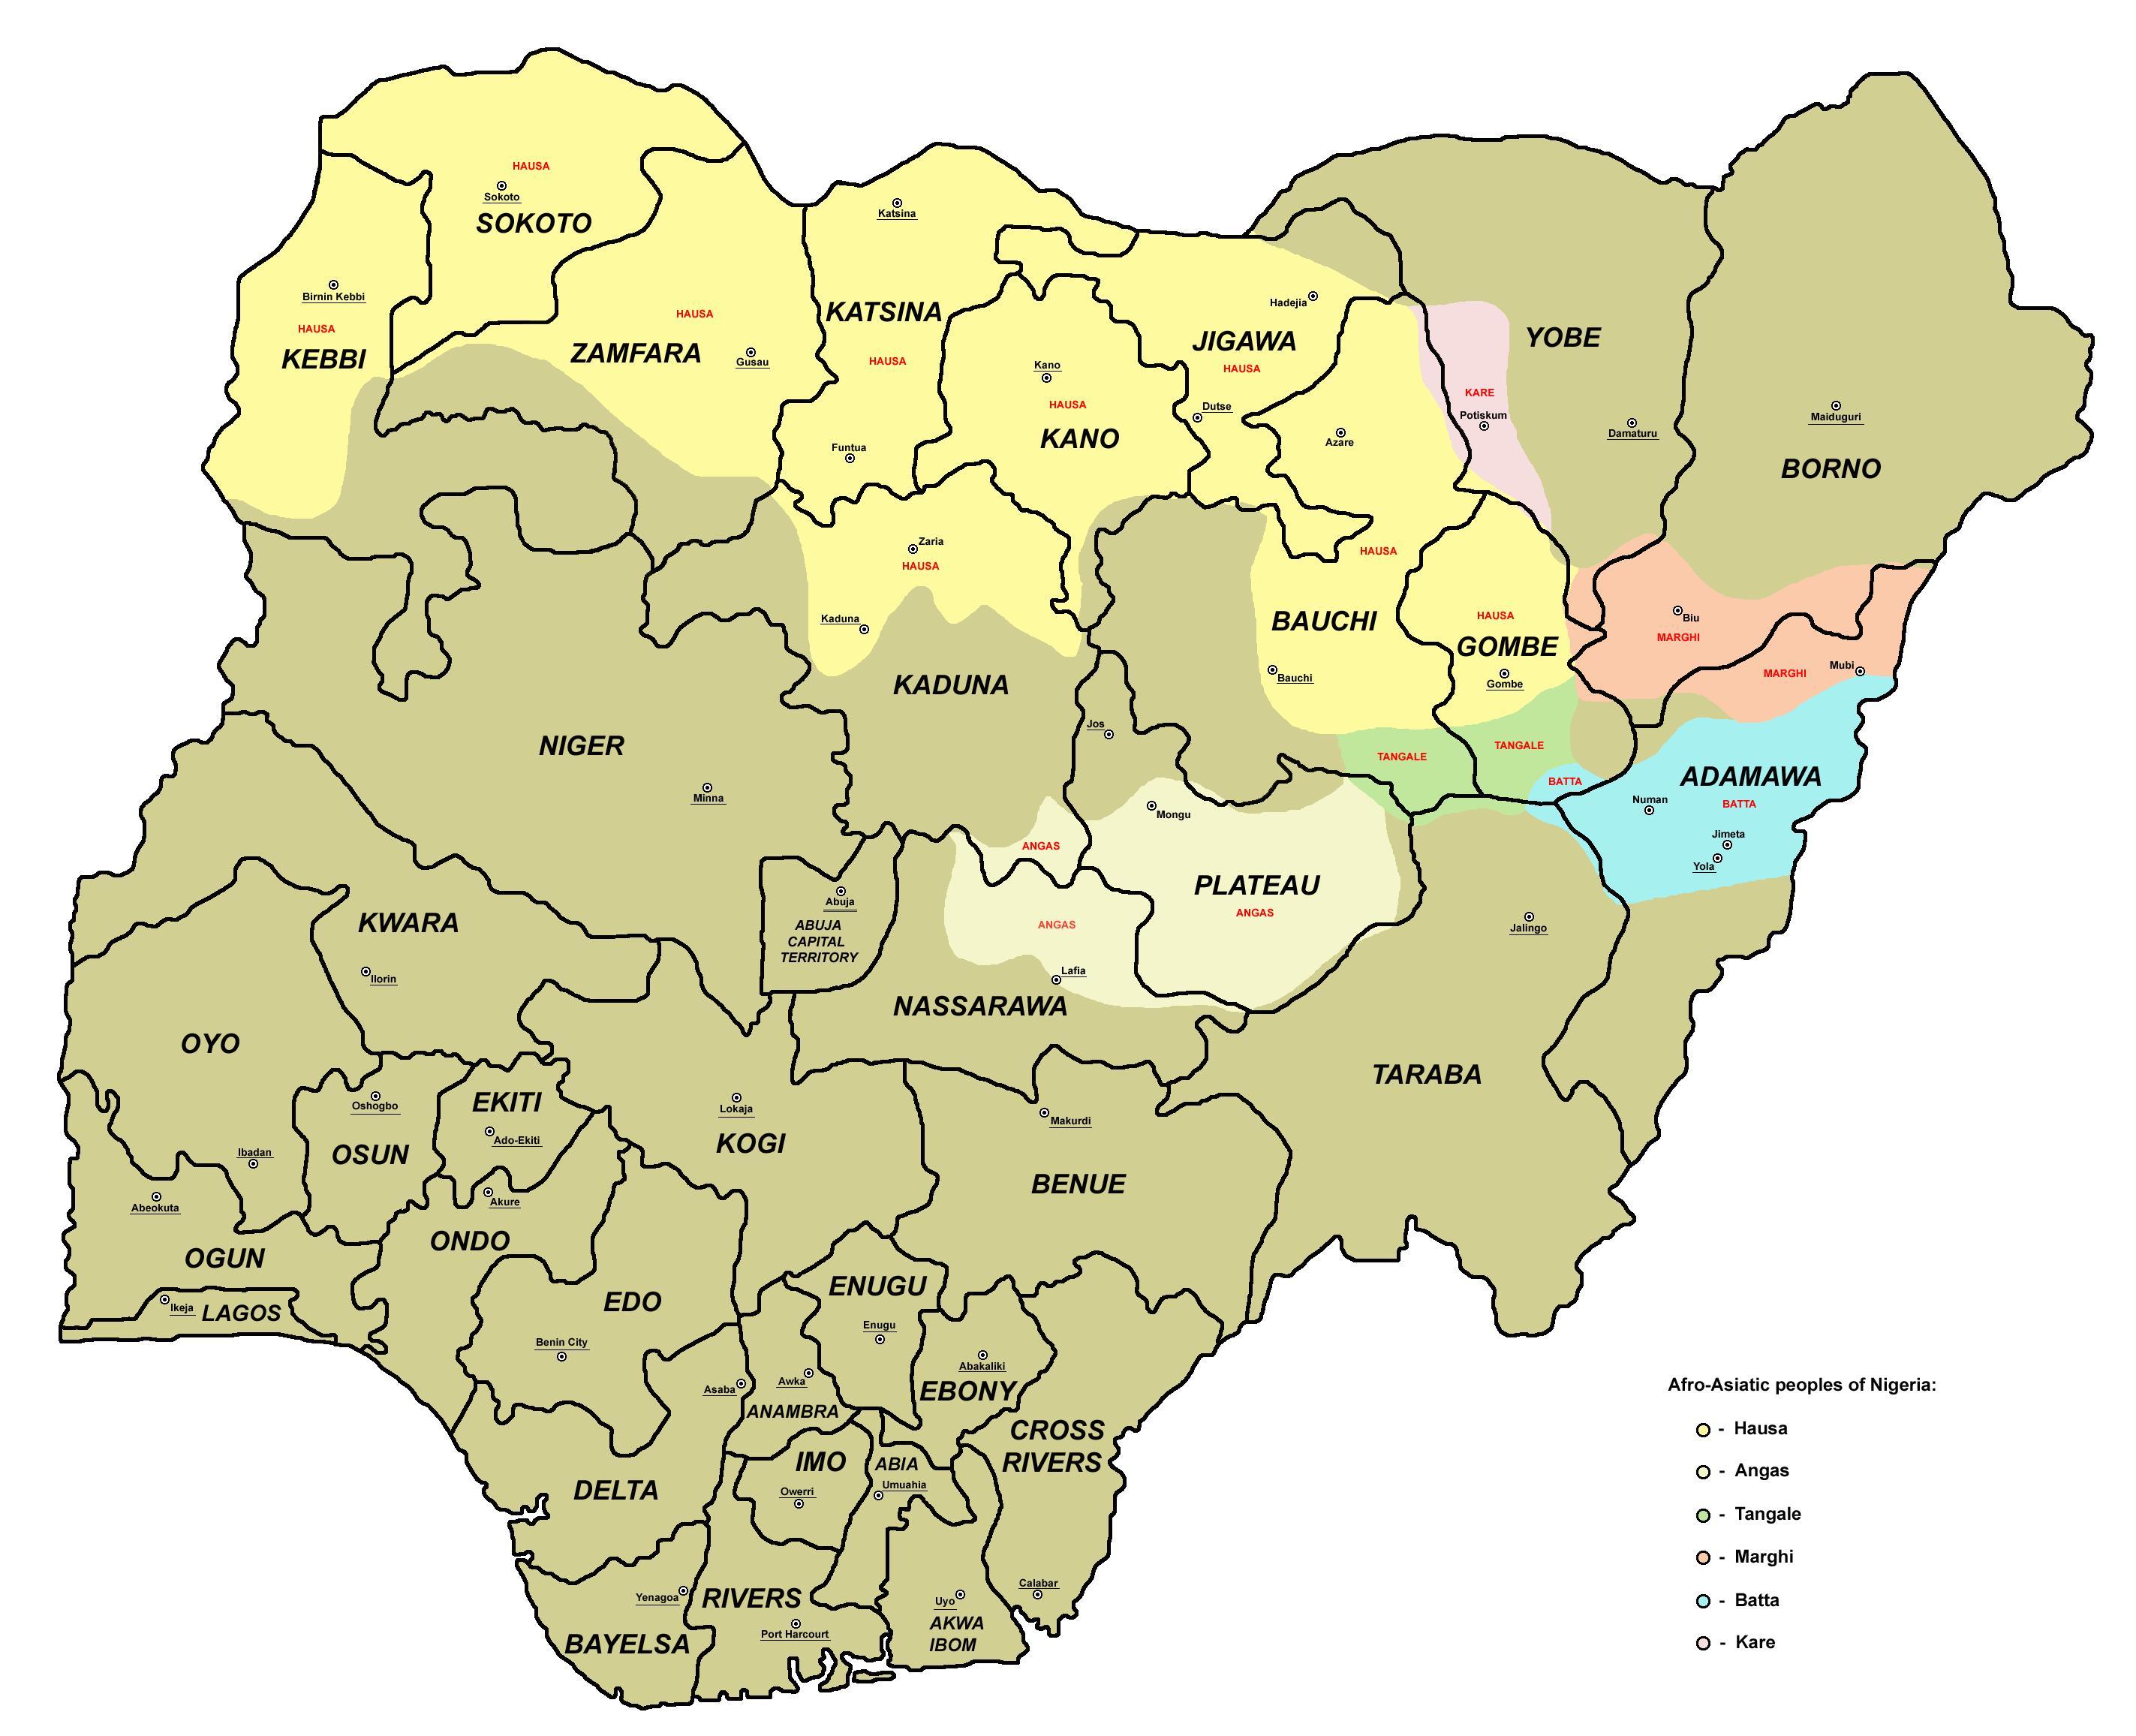 Cartina Africa Con Stati E Capitali.Mappa Della Nigeria Con 36 Stati E Capitali Mappa Della